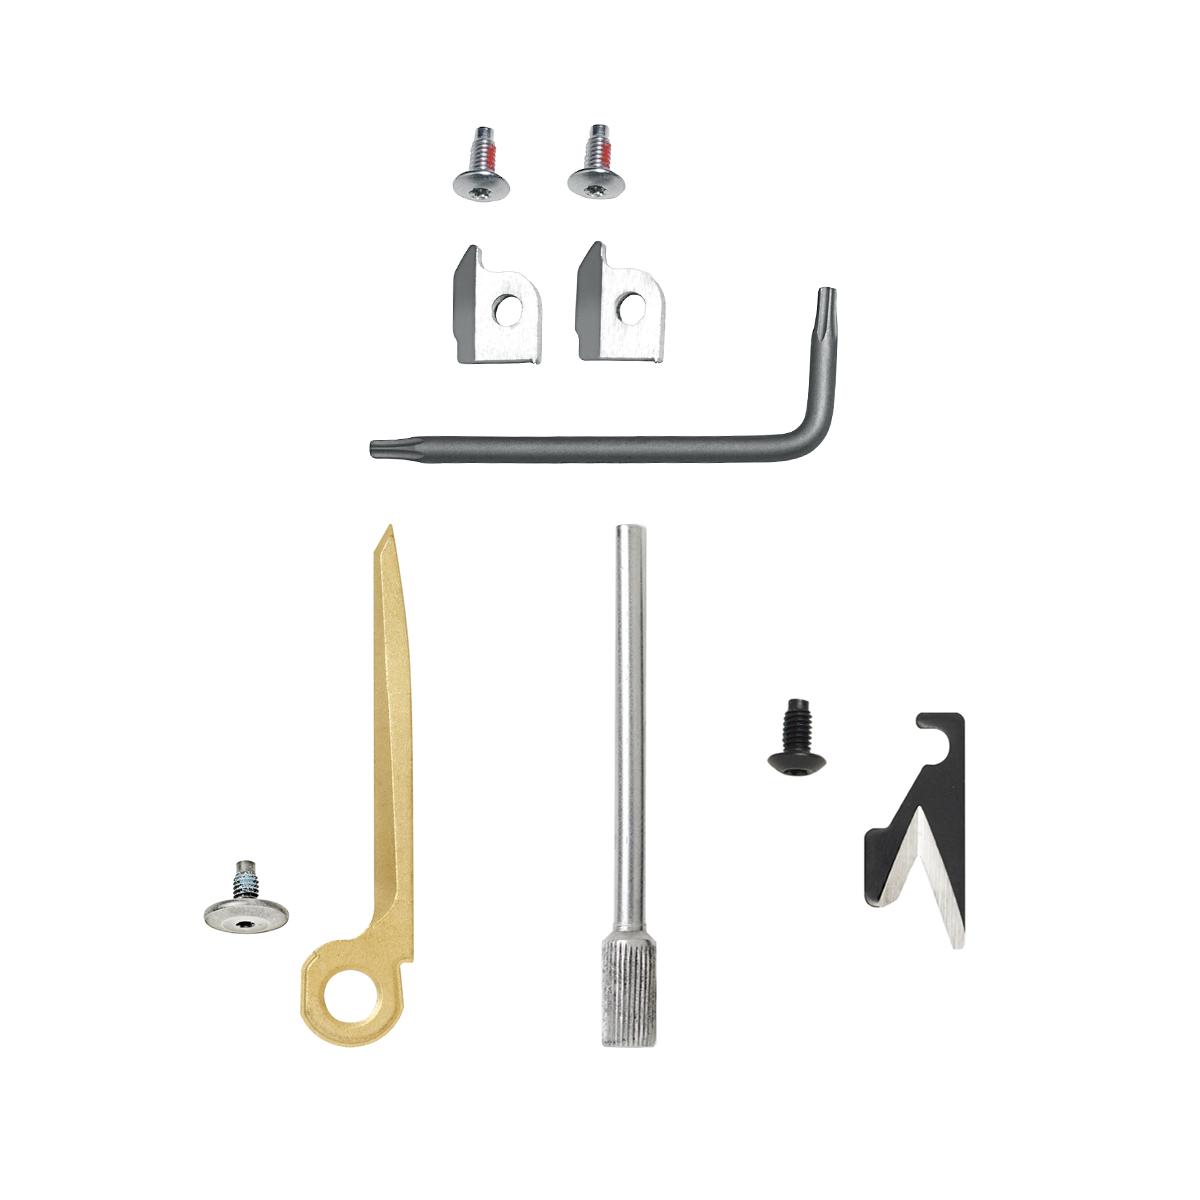 MUT Accessory Kit